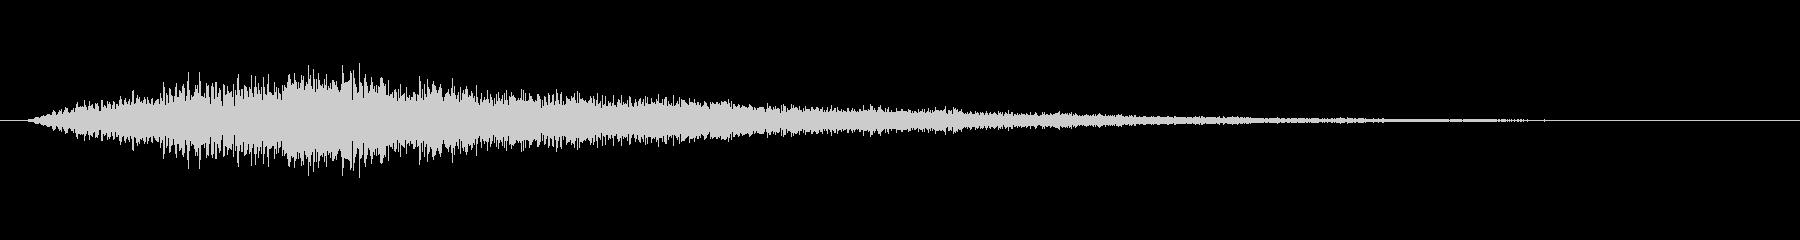 トゥルルーン テロップ・決定音の未再生の波形